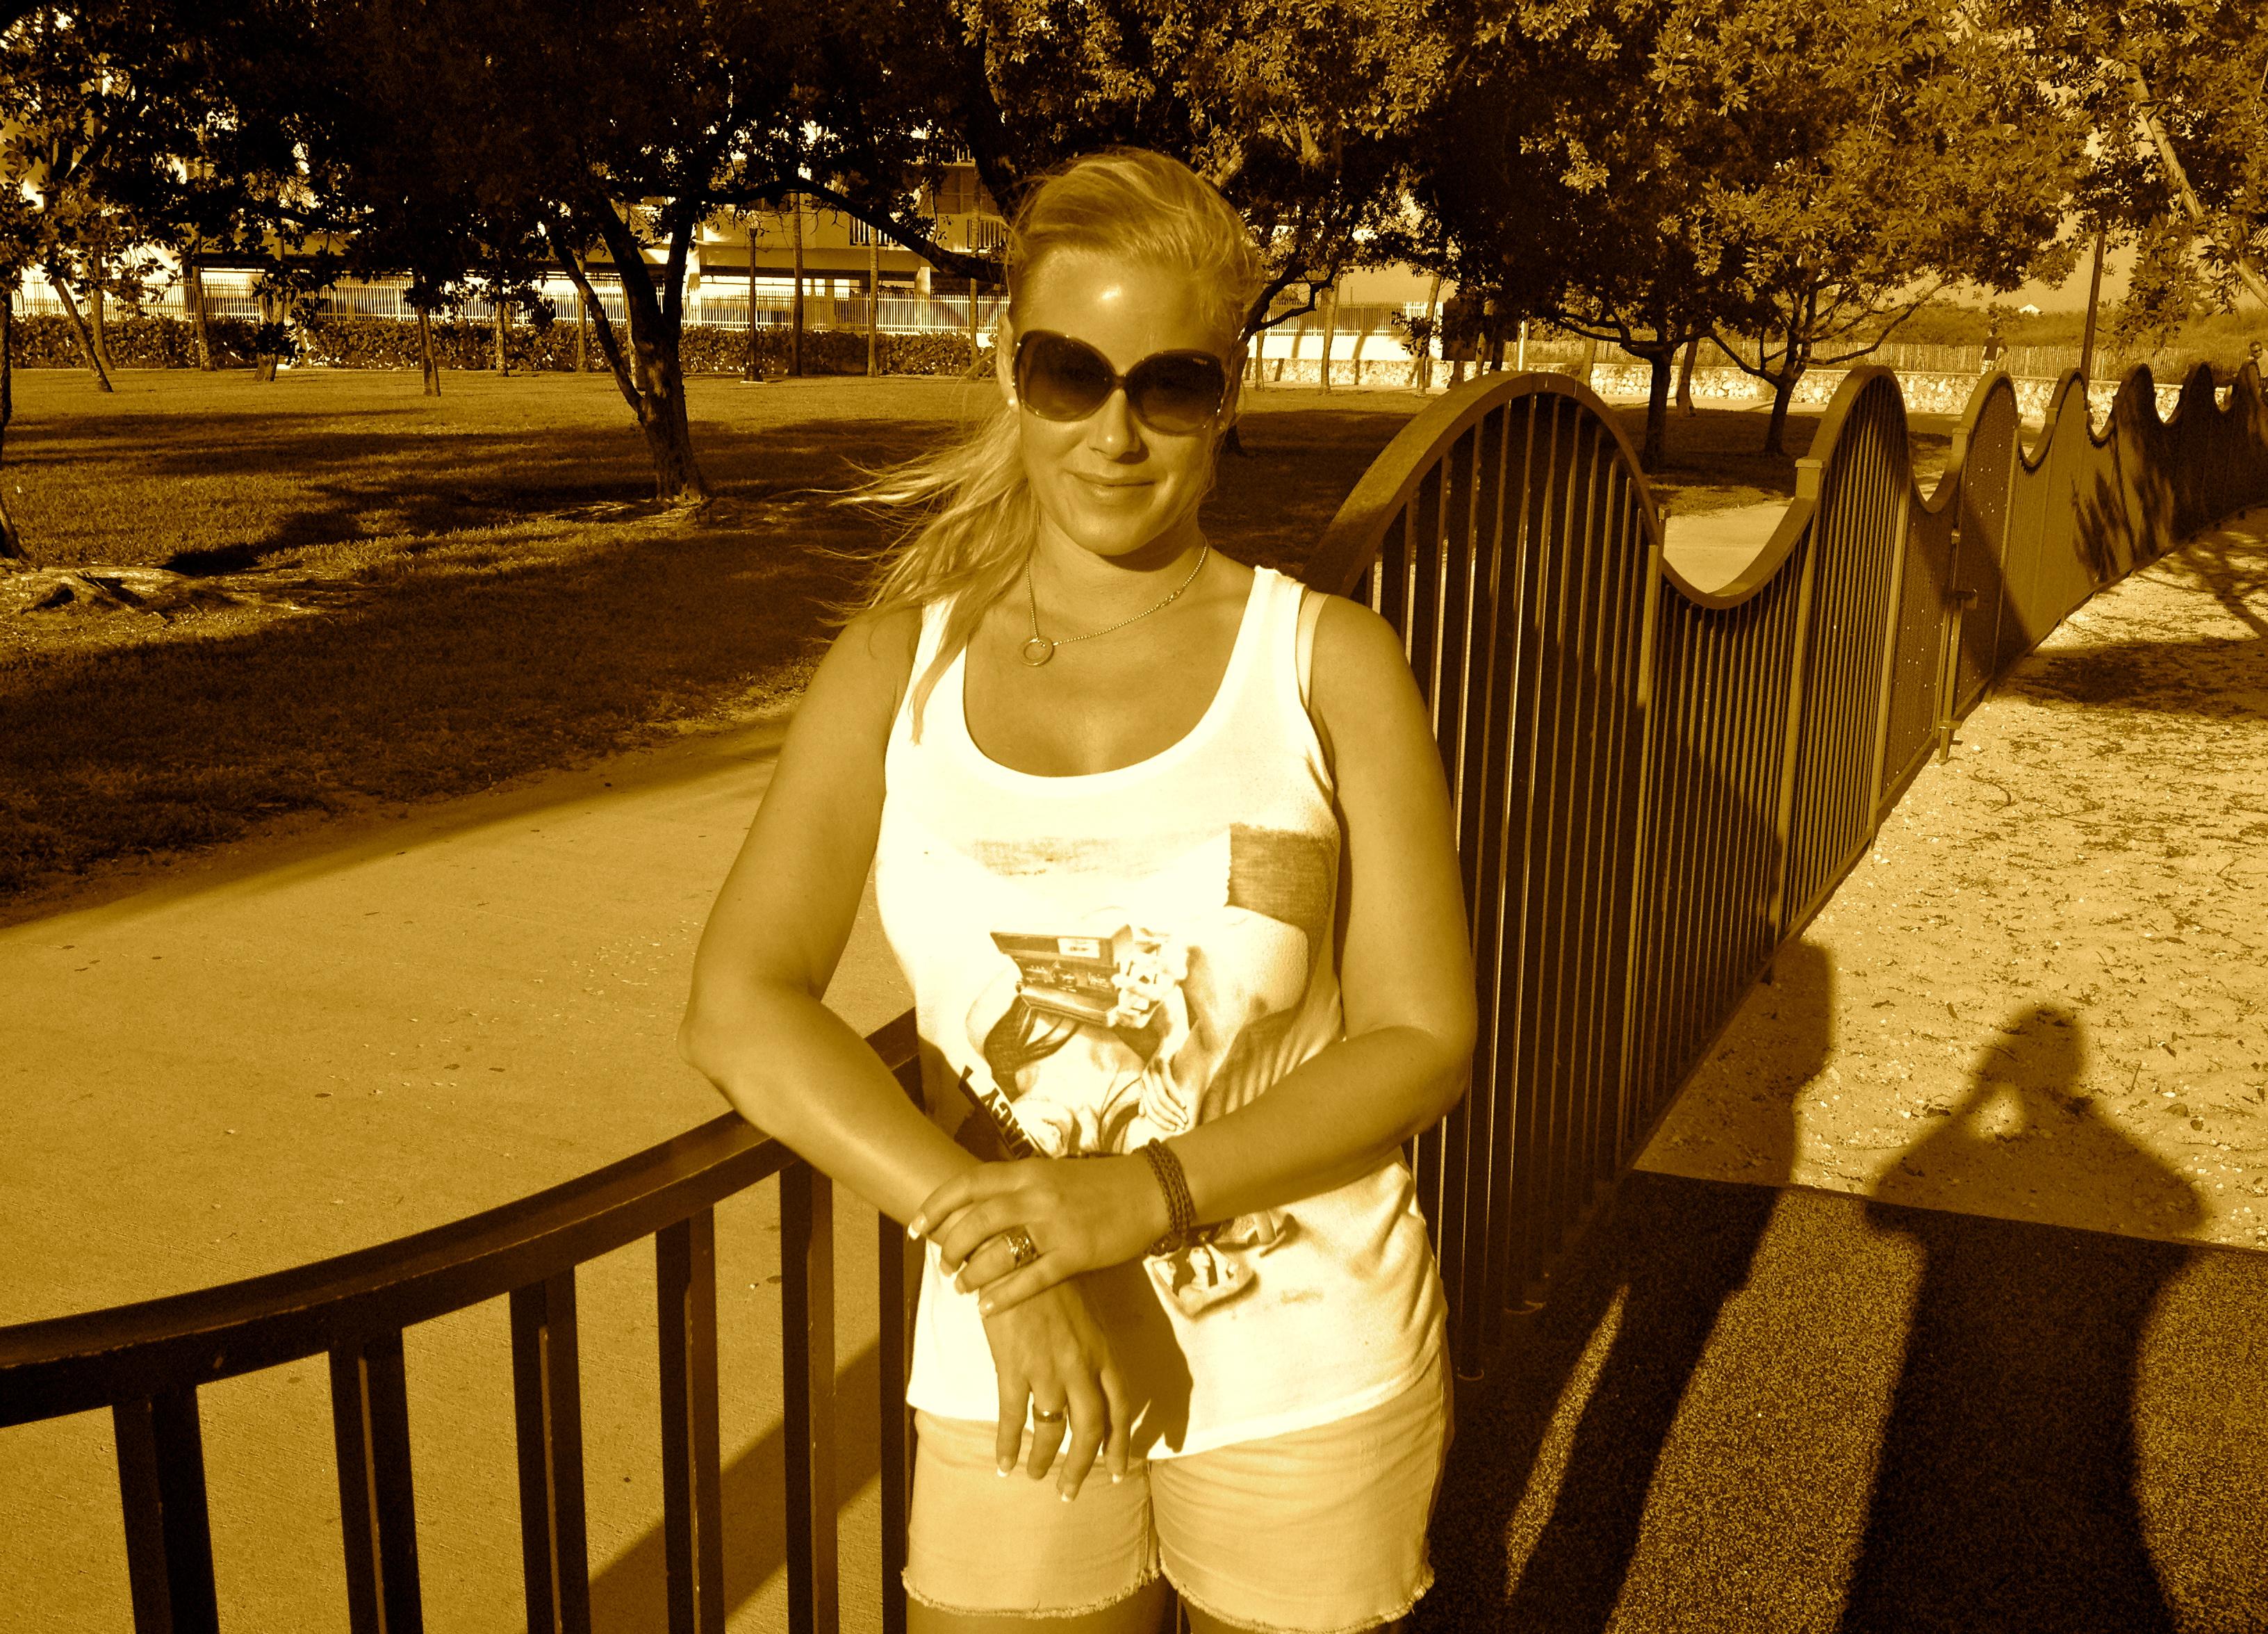 Erica Sattler